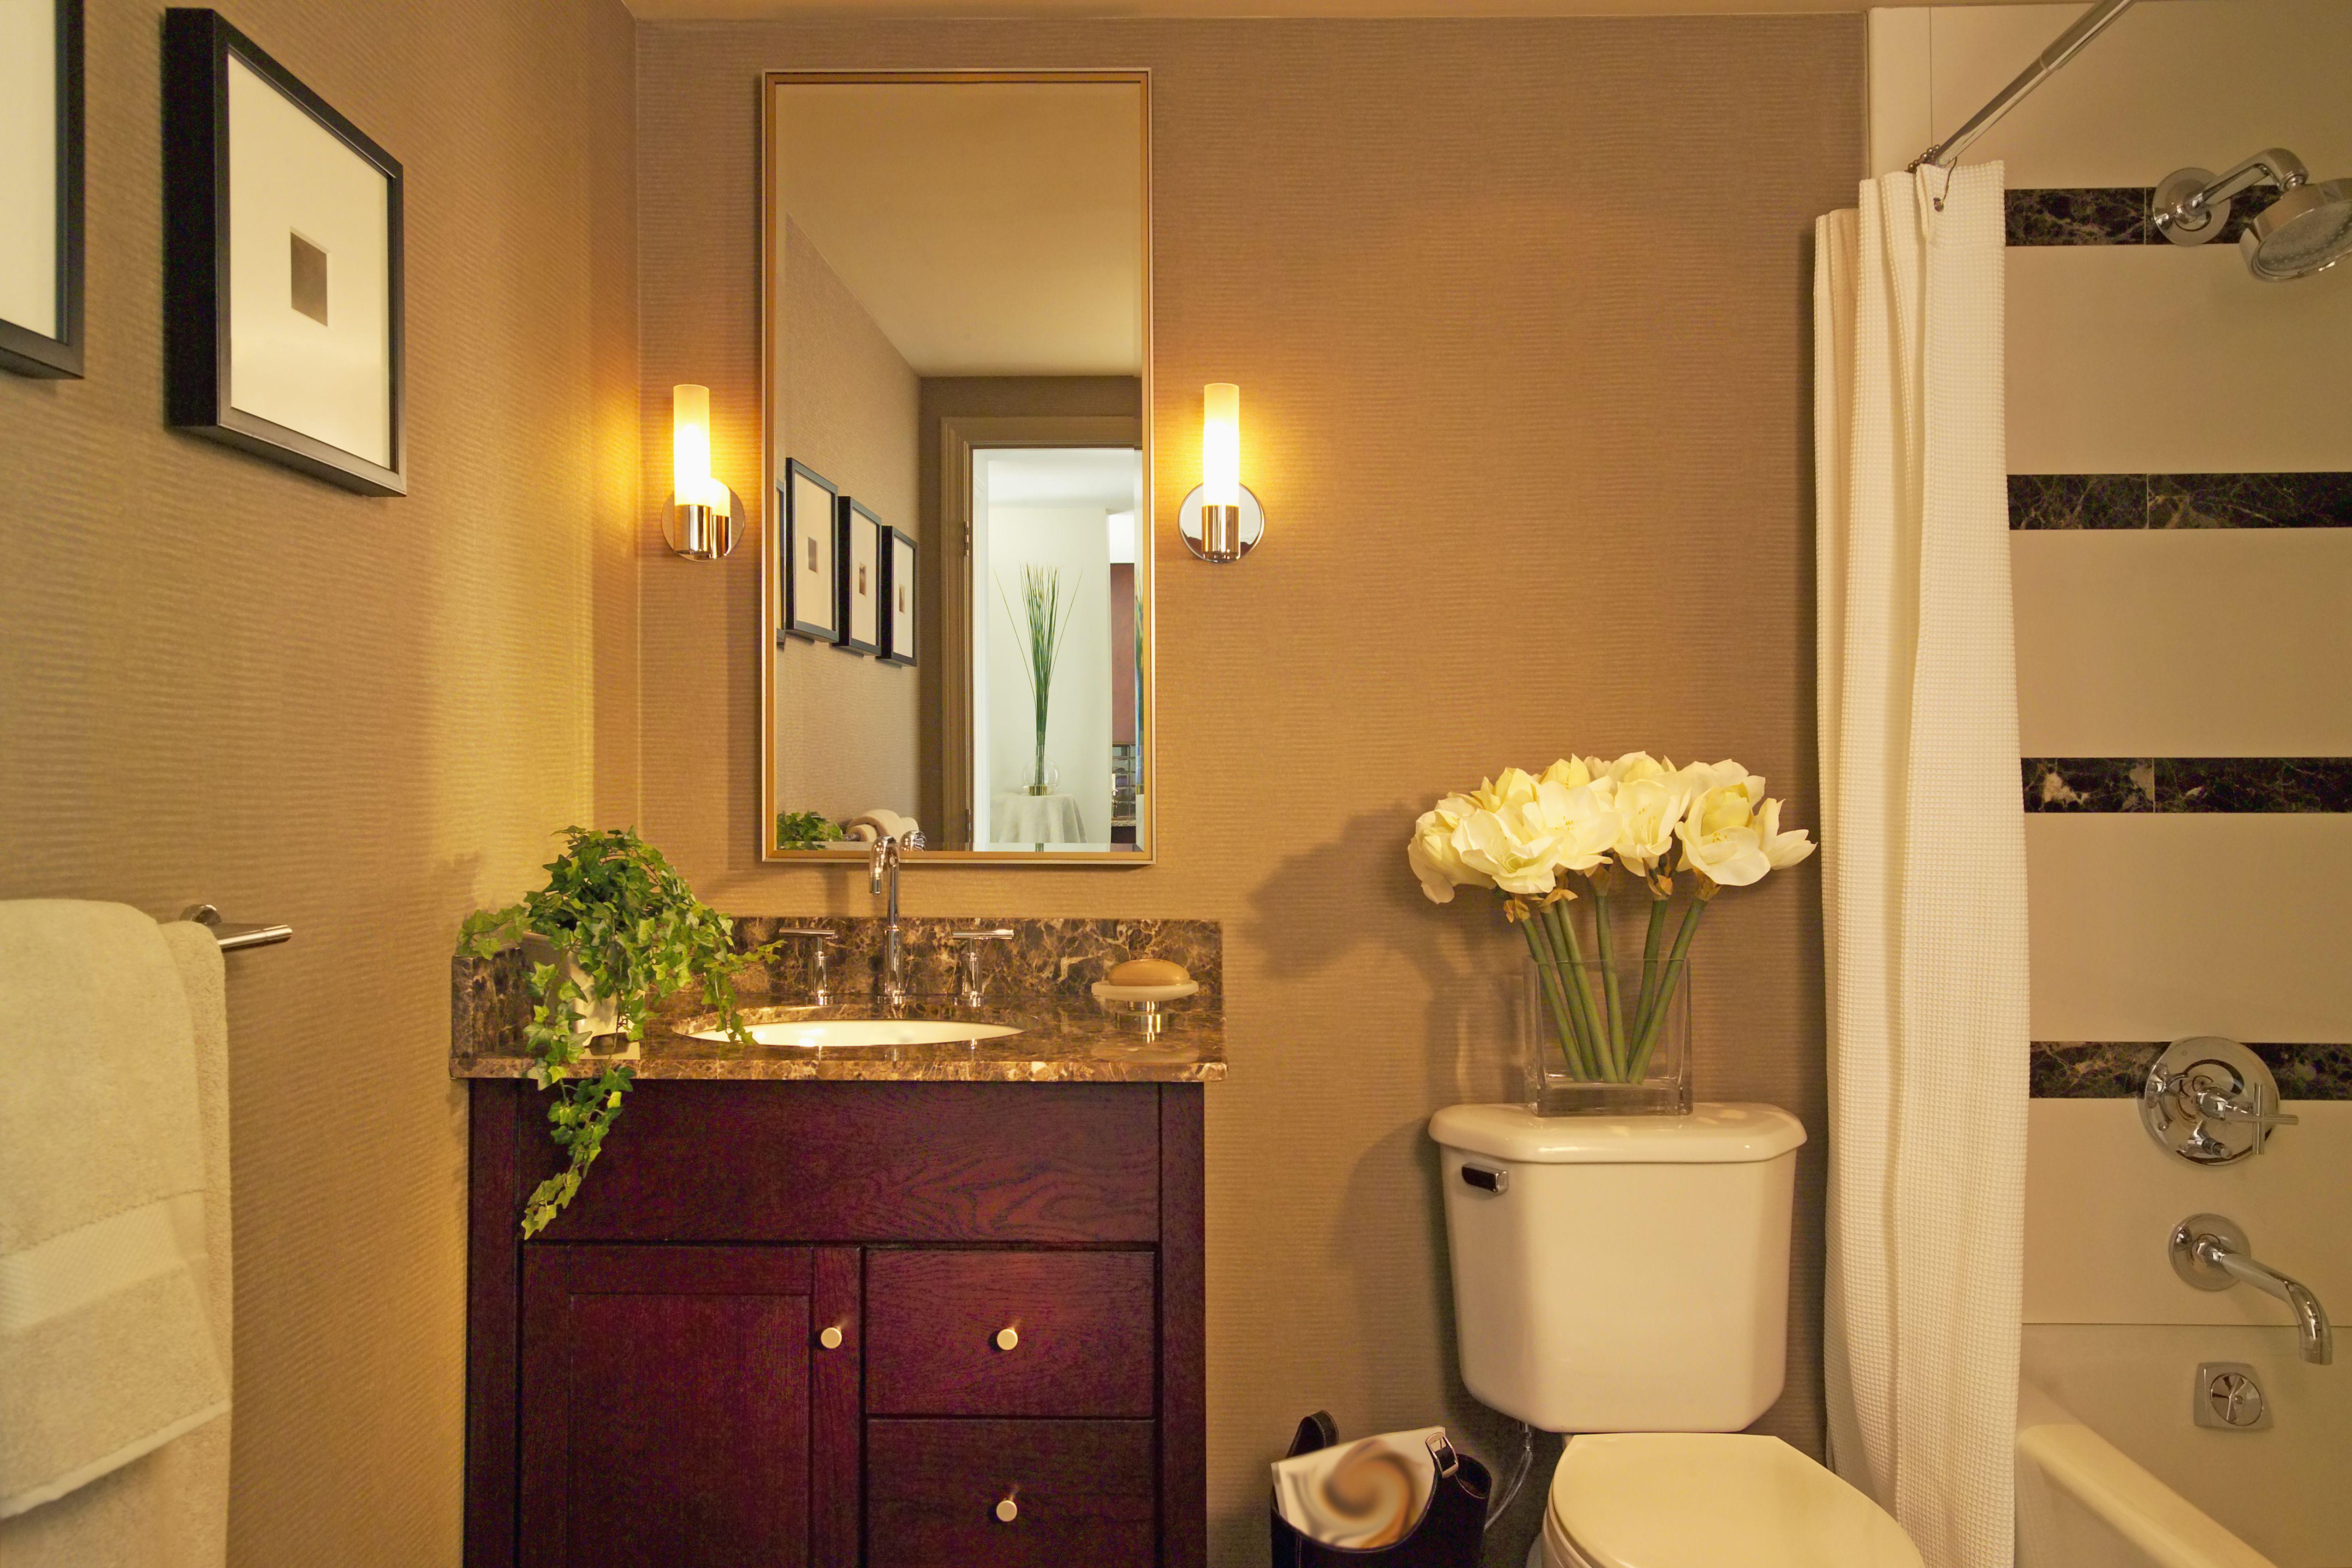 Mueble de madera y espejo con apliques de pared en baño doméstico